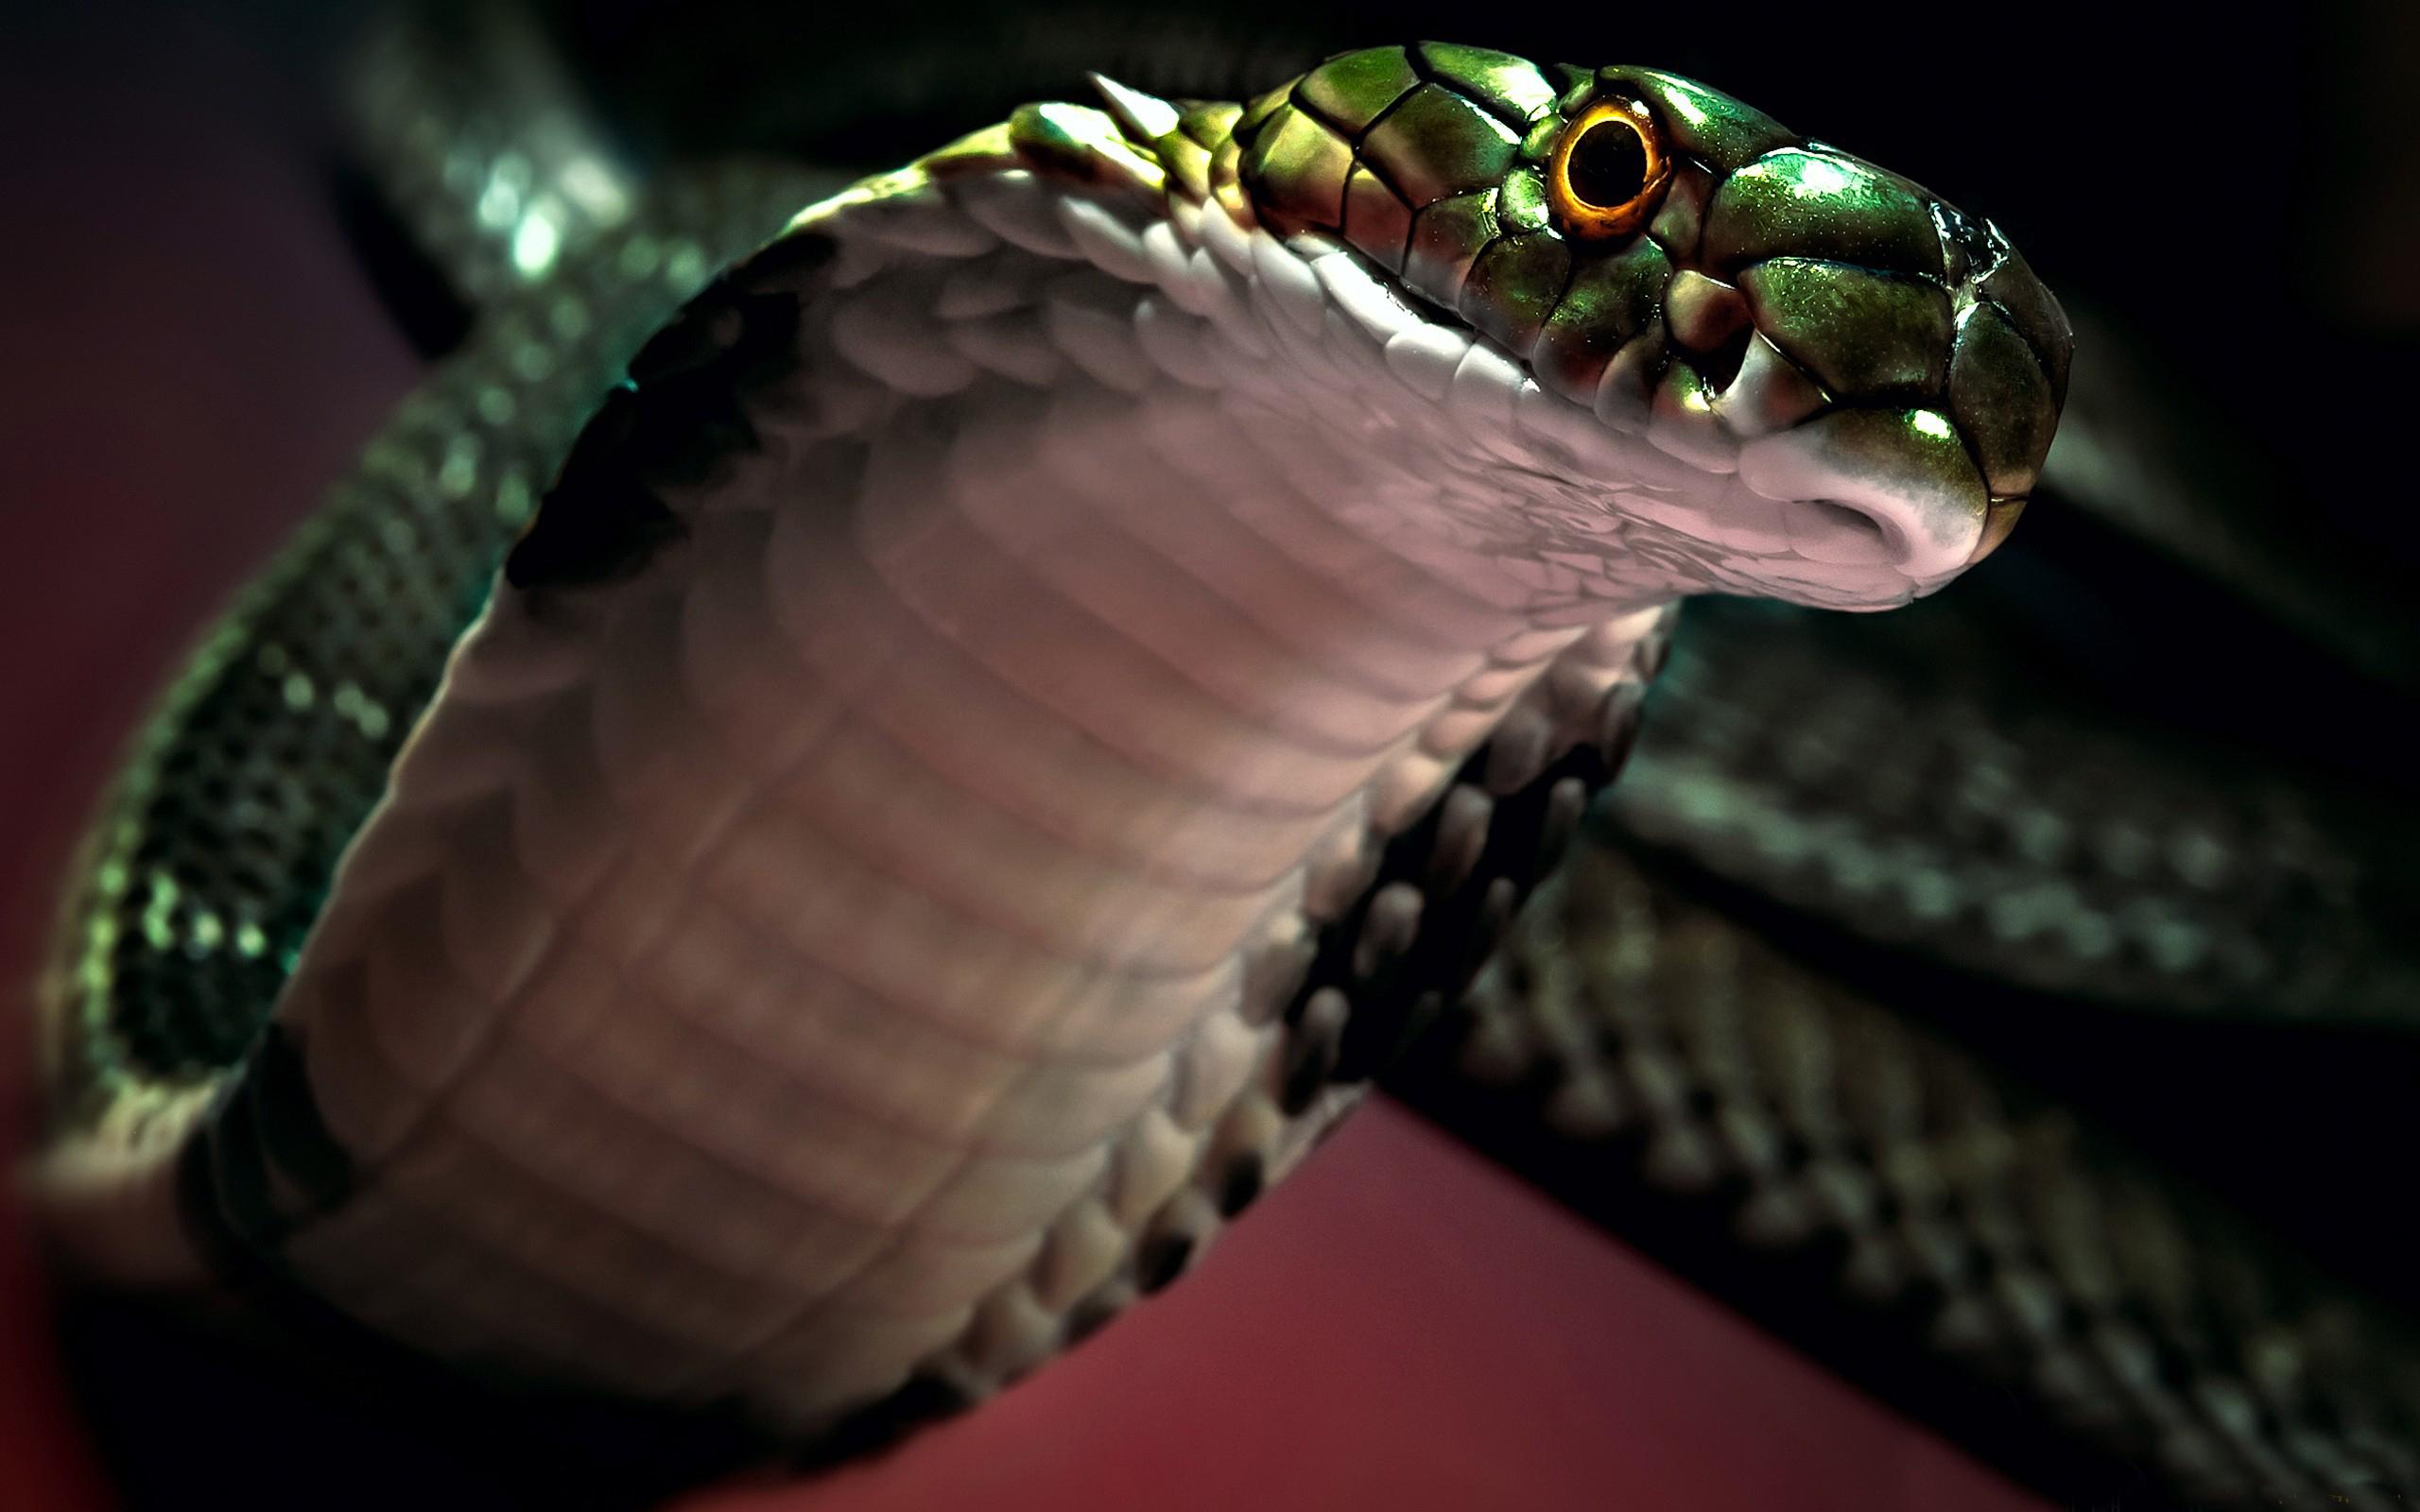 змея белая язык животное скачать